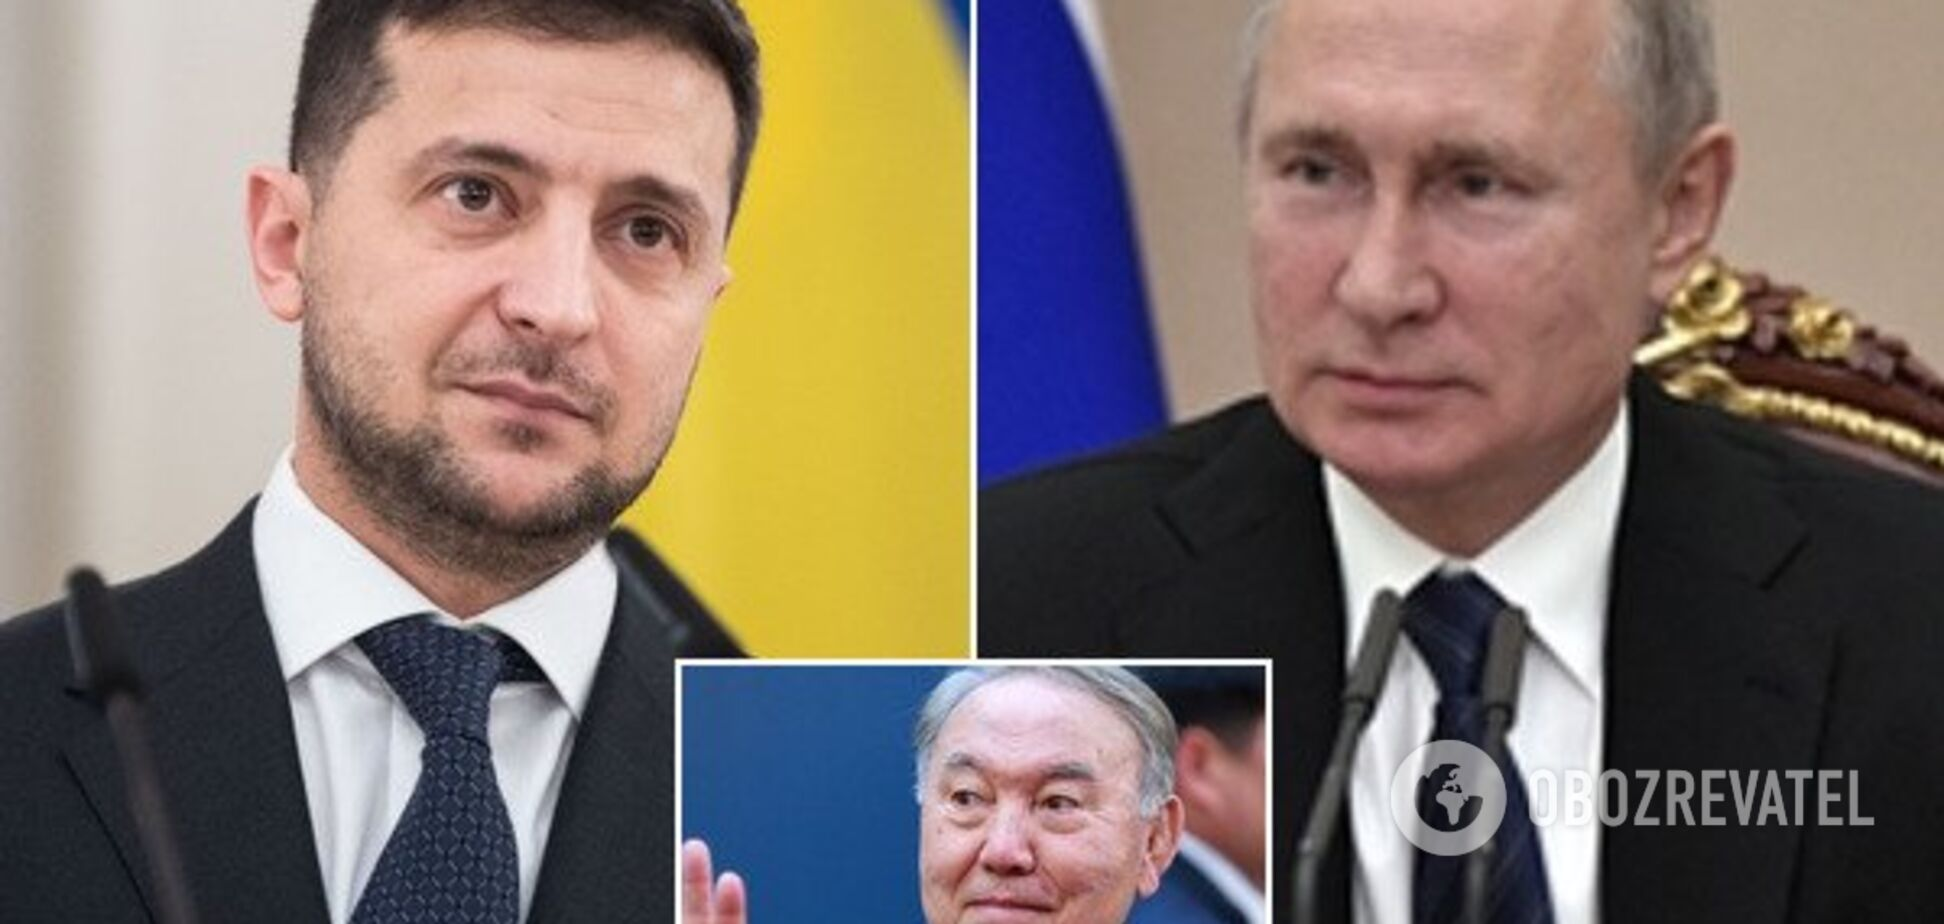 Зеленский прояснил, что предлагал Назарбаев по встрече с Путиным